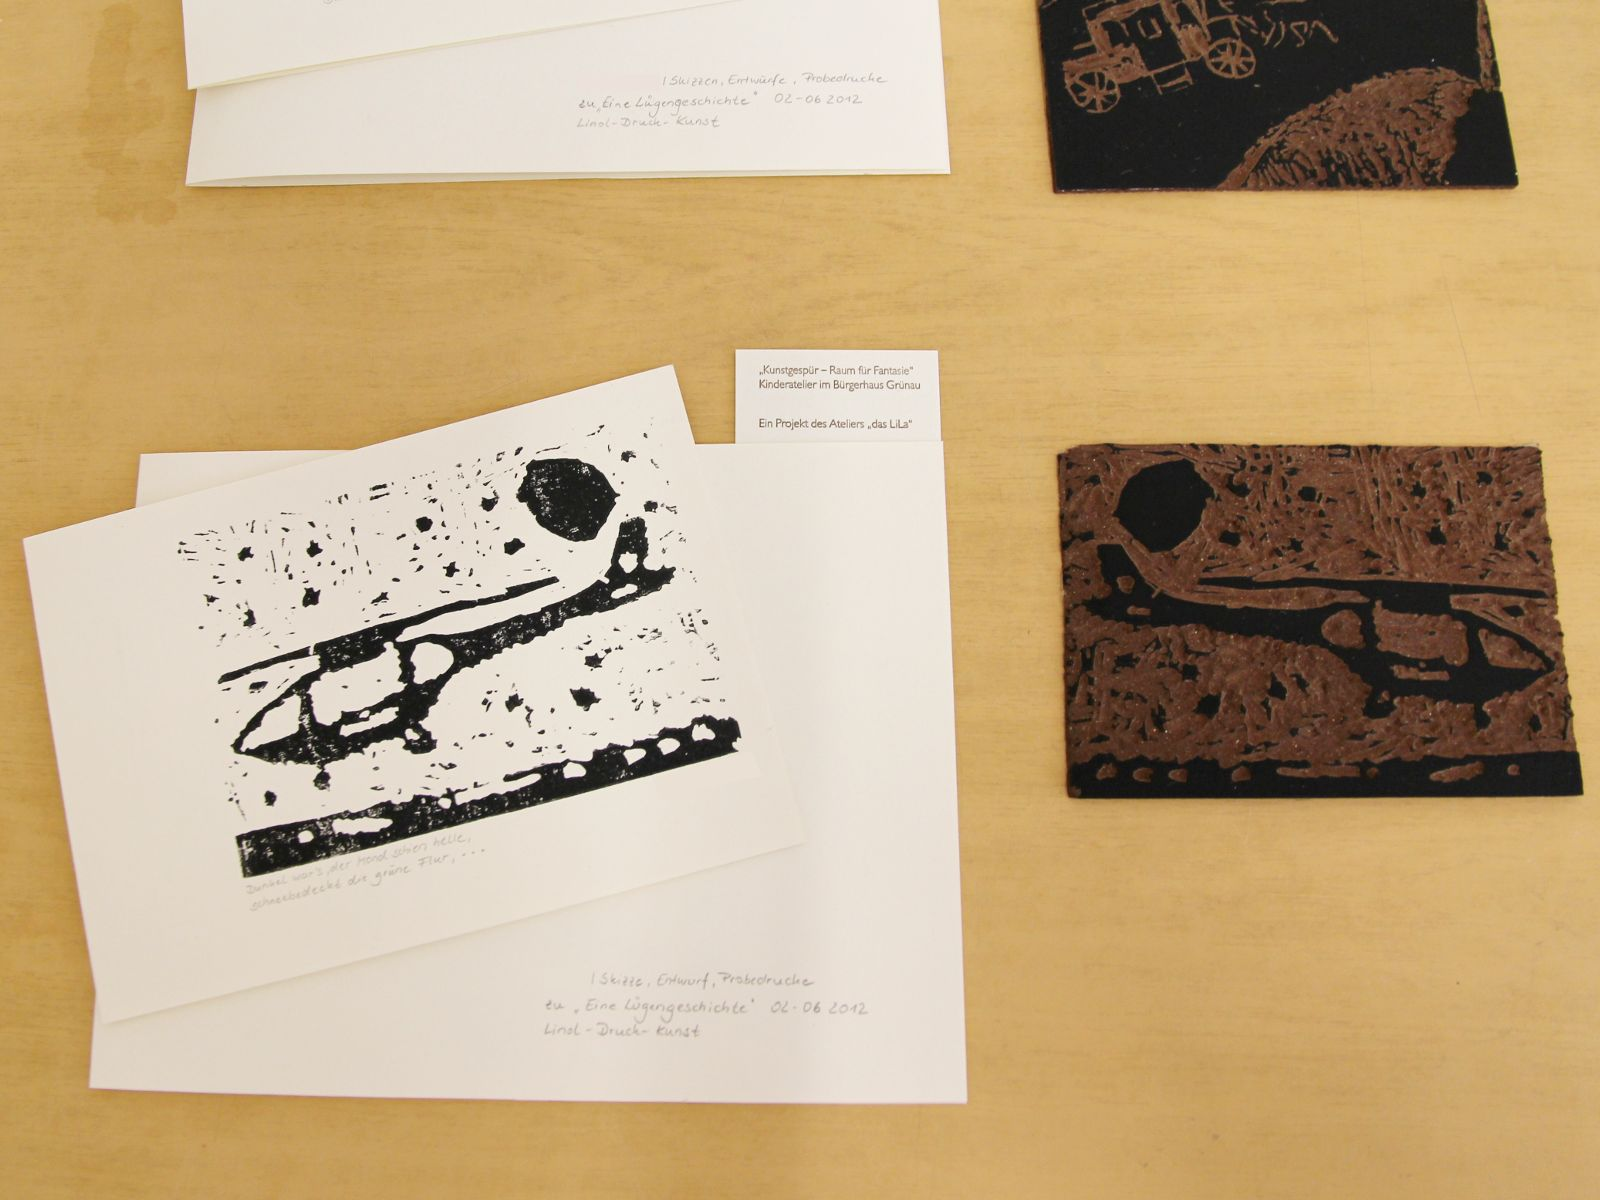 Kunstgespuer Kinderatelier-Ausstellung-Fantasievolle-Druckgrafik-Plastik